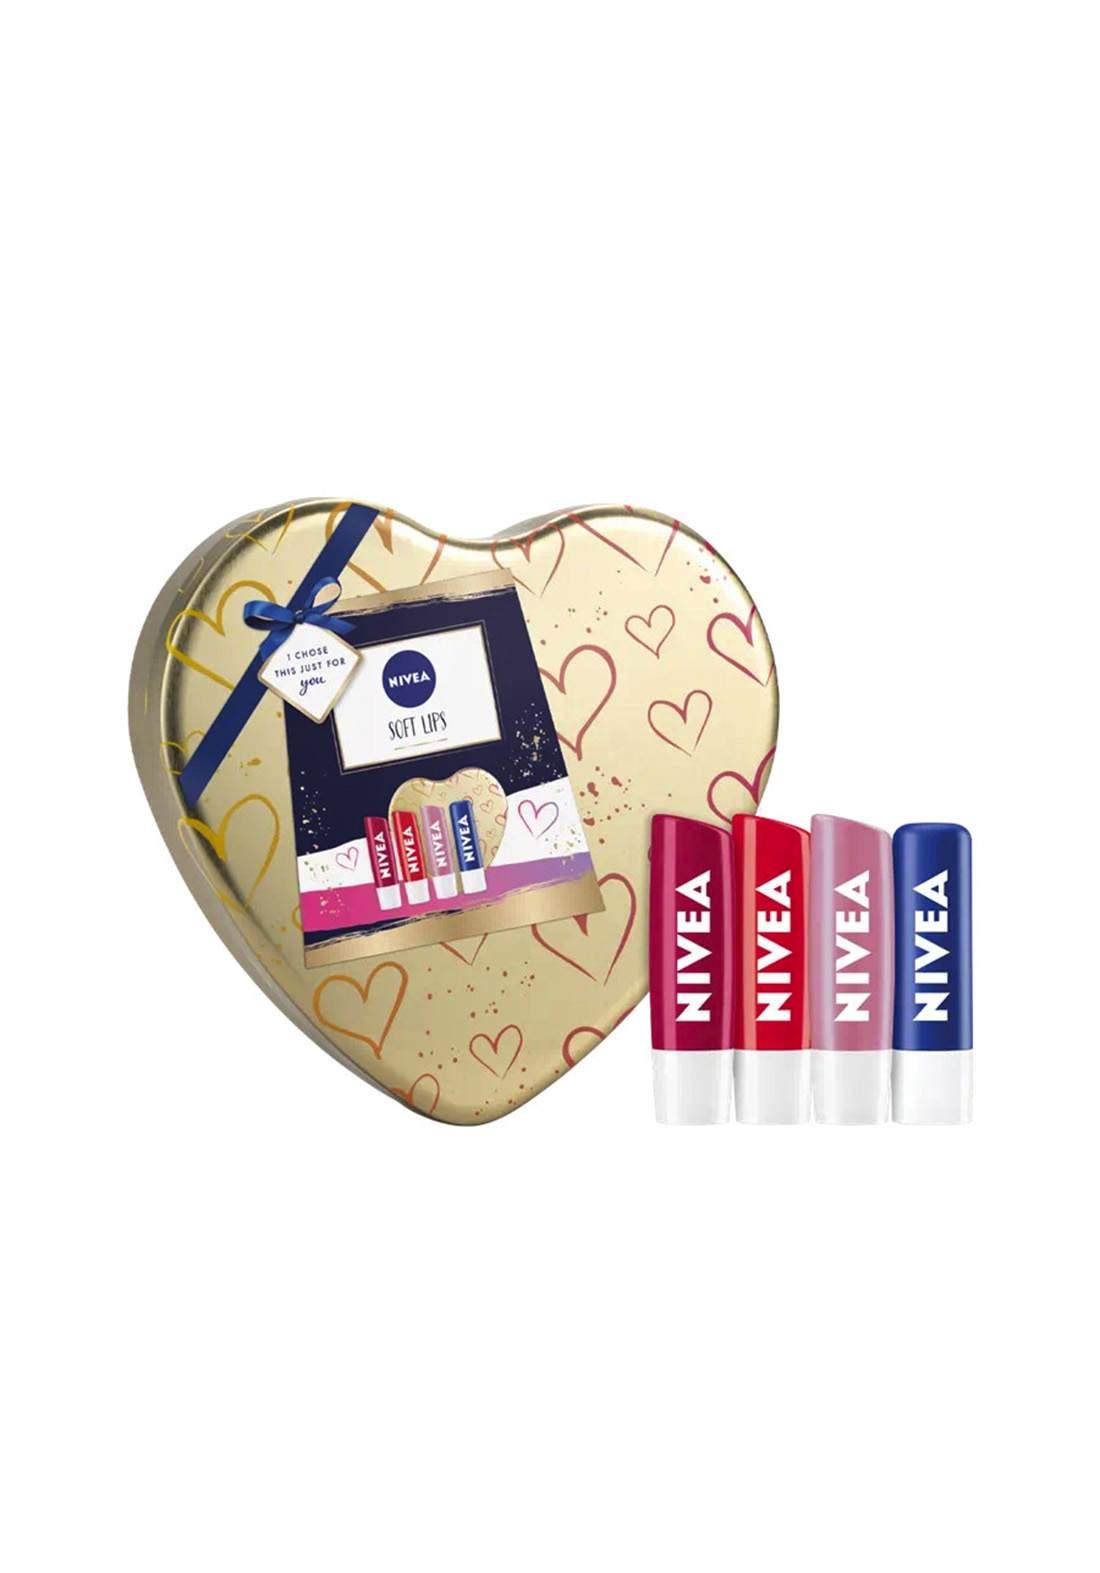 Nivea (02844724f8) Soft Lips 4pc Lip Balm Gift Set مجموعة مرطب الشفاه